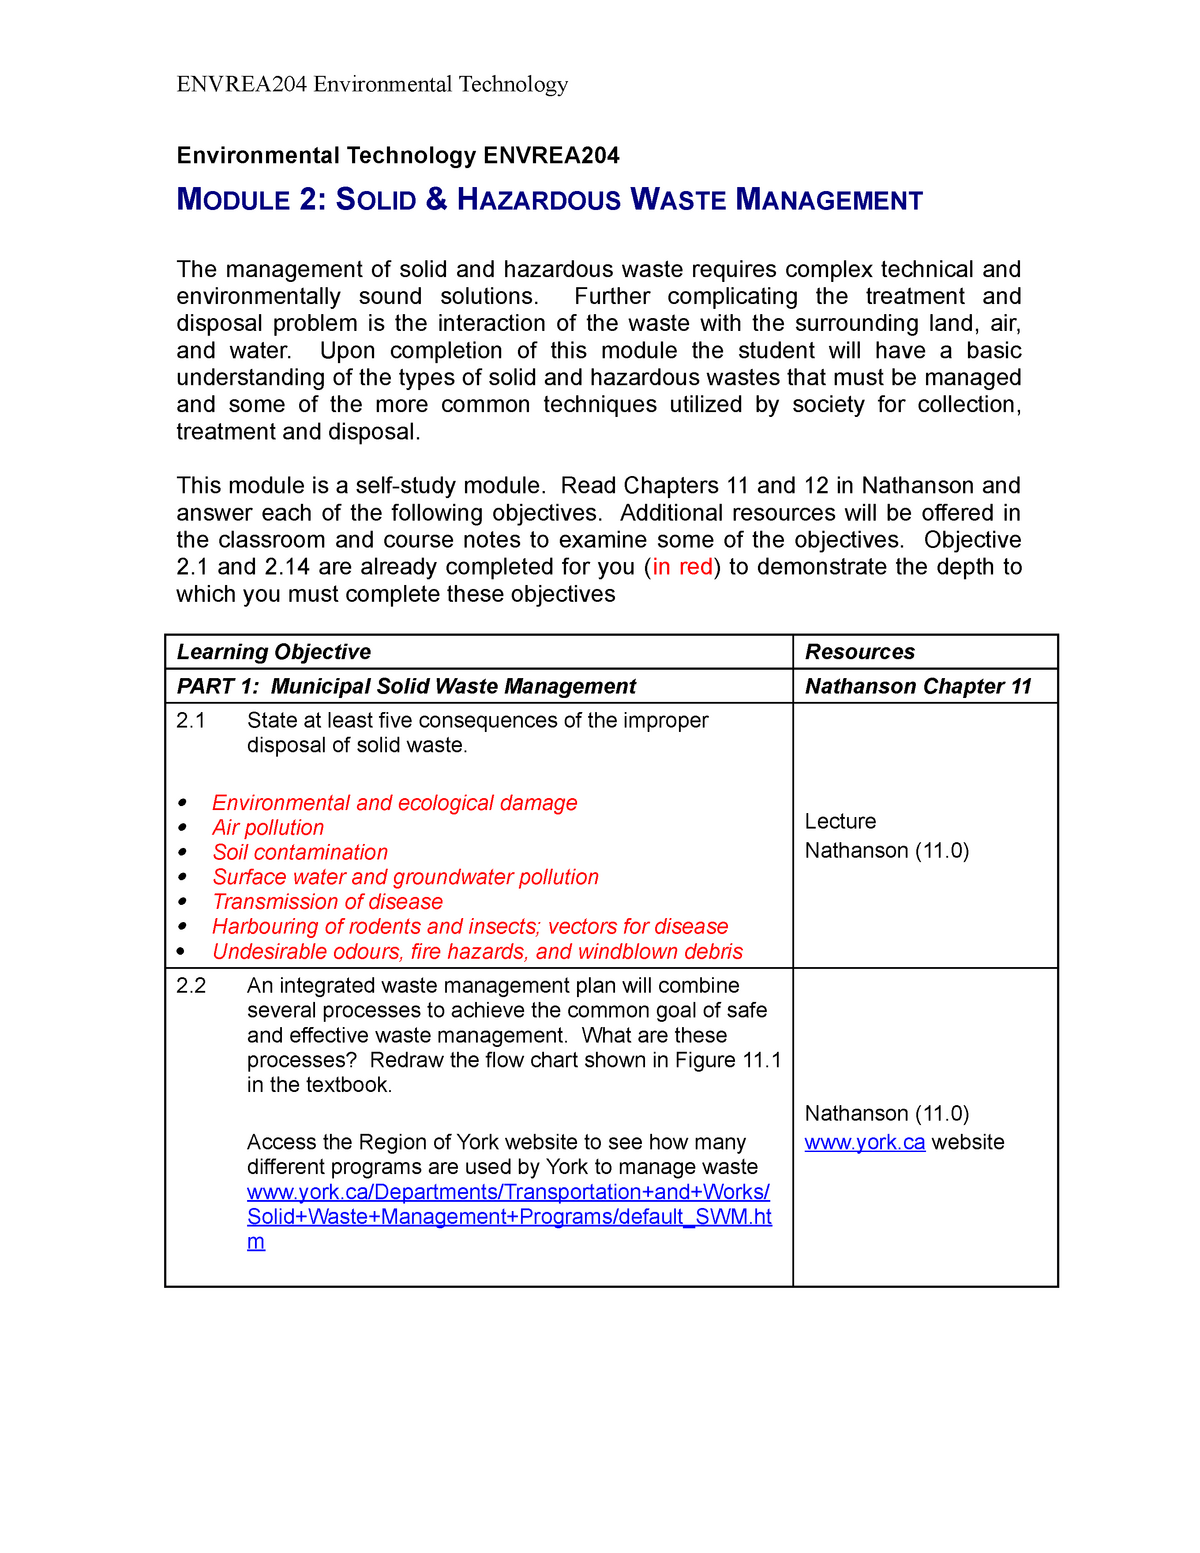 Solid Hazerdous Waste Management - ENVREA204: Environmental